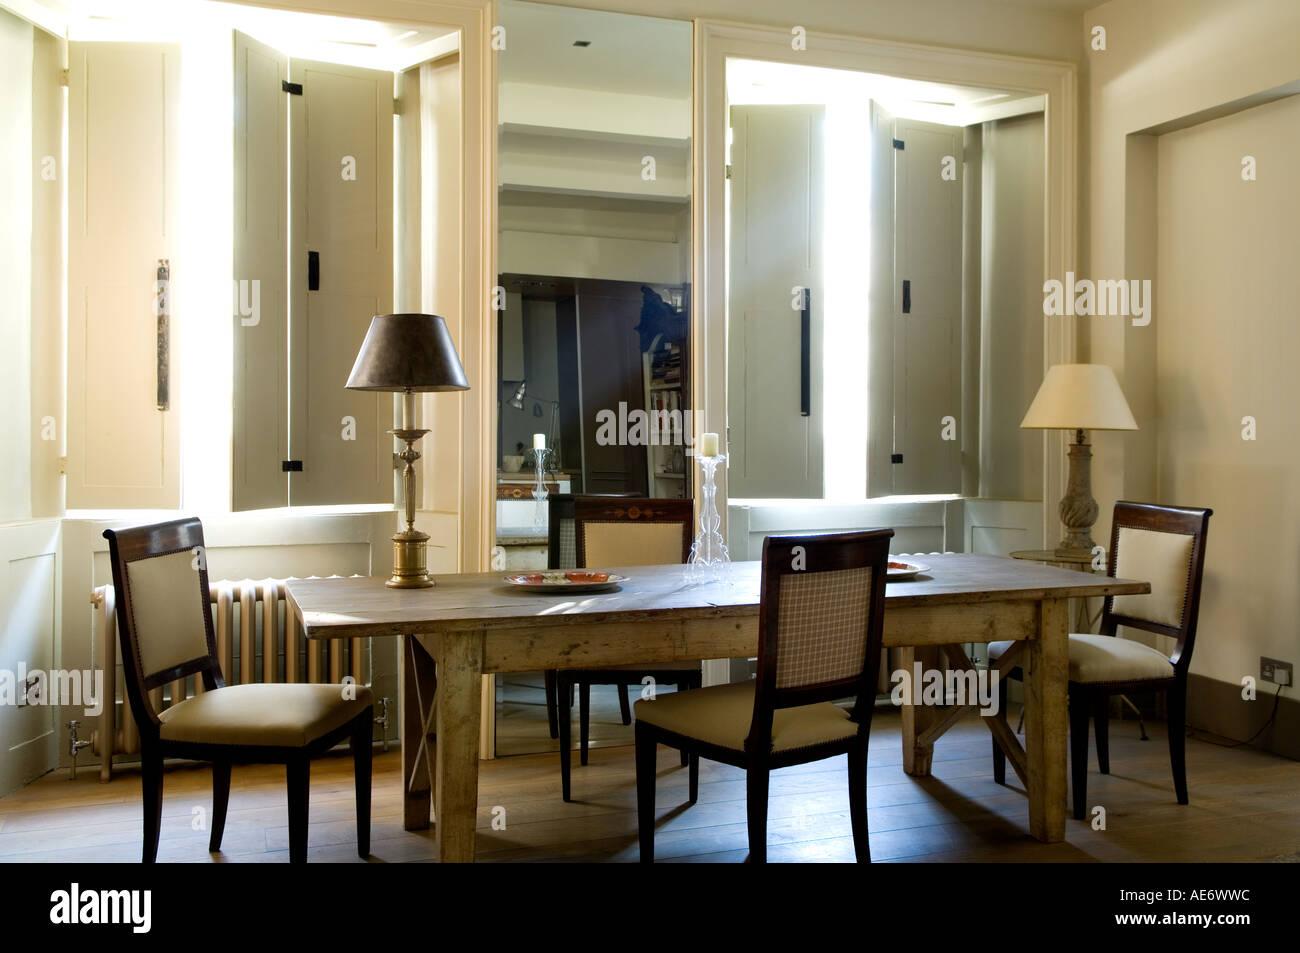 Esszimmer Mit Spiegel Und Fensterläden